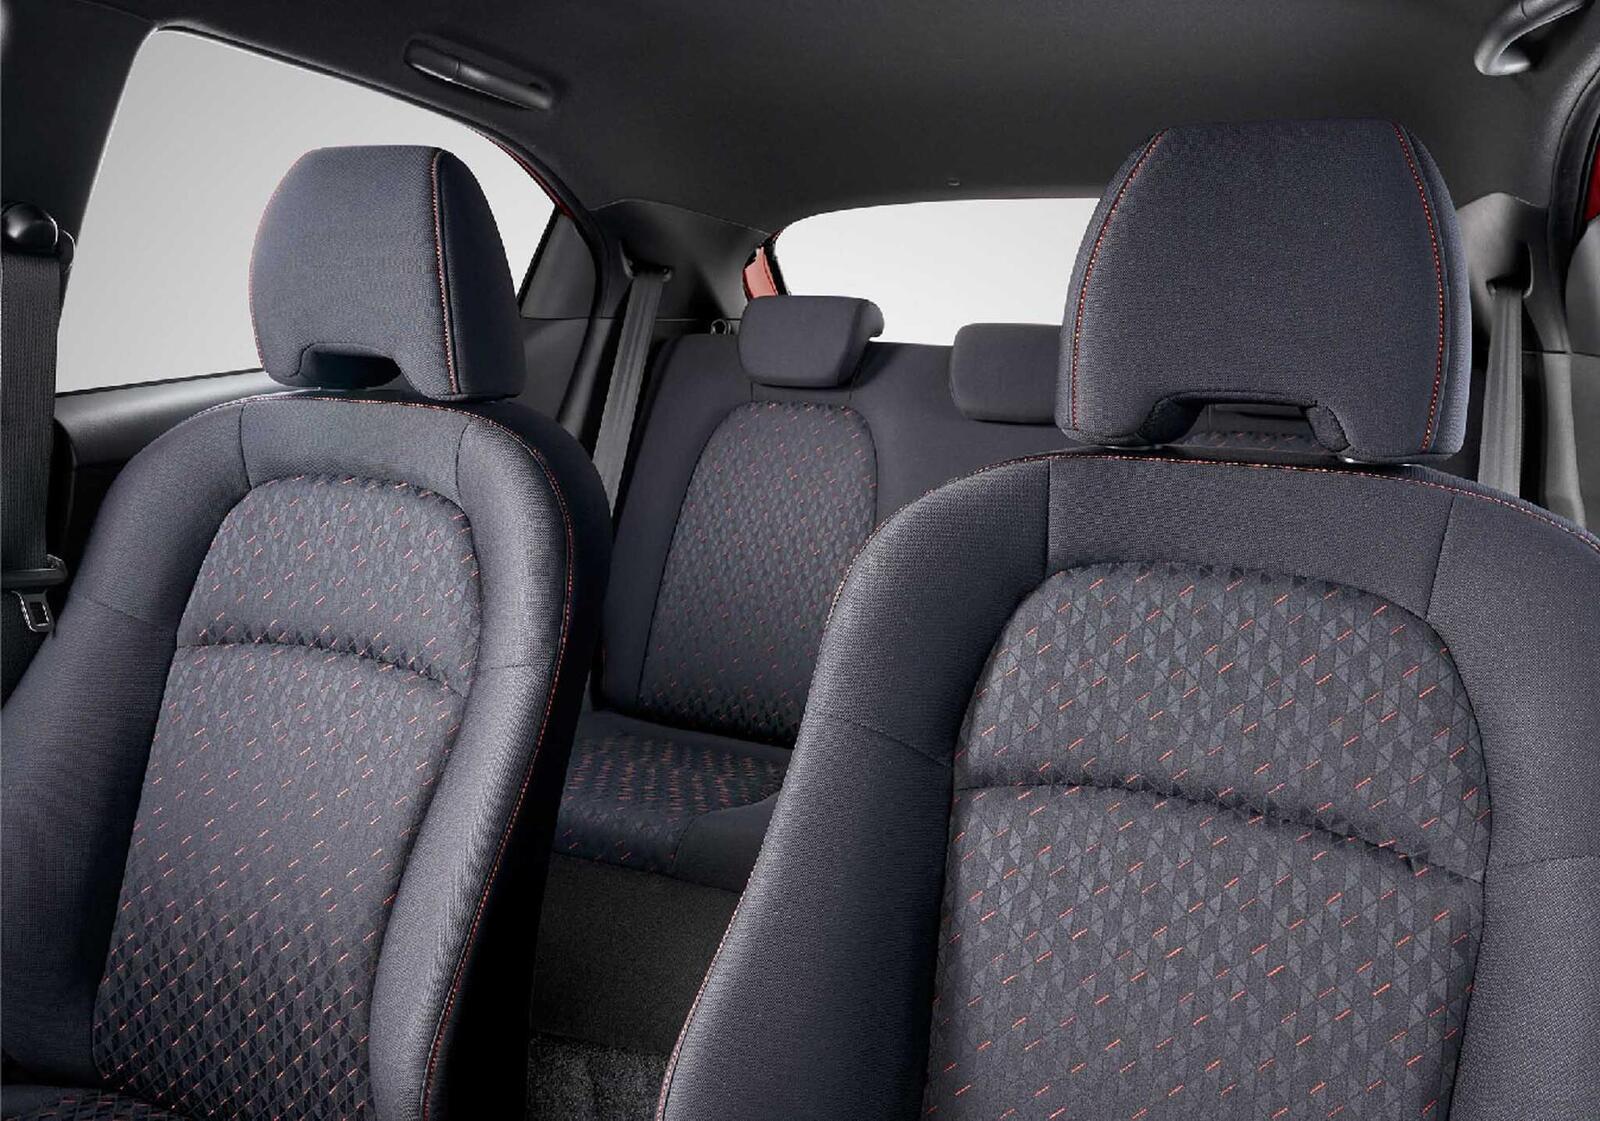 Dự đoán 3 phiên bản Honda Brio sắp ra mắt vào ngày 18.06 sắp tới - Hình 17